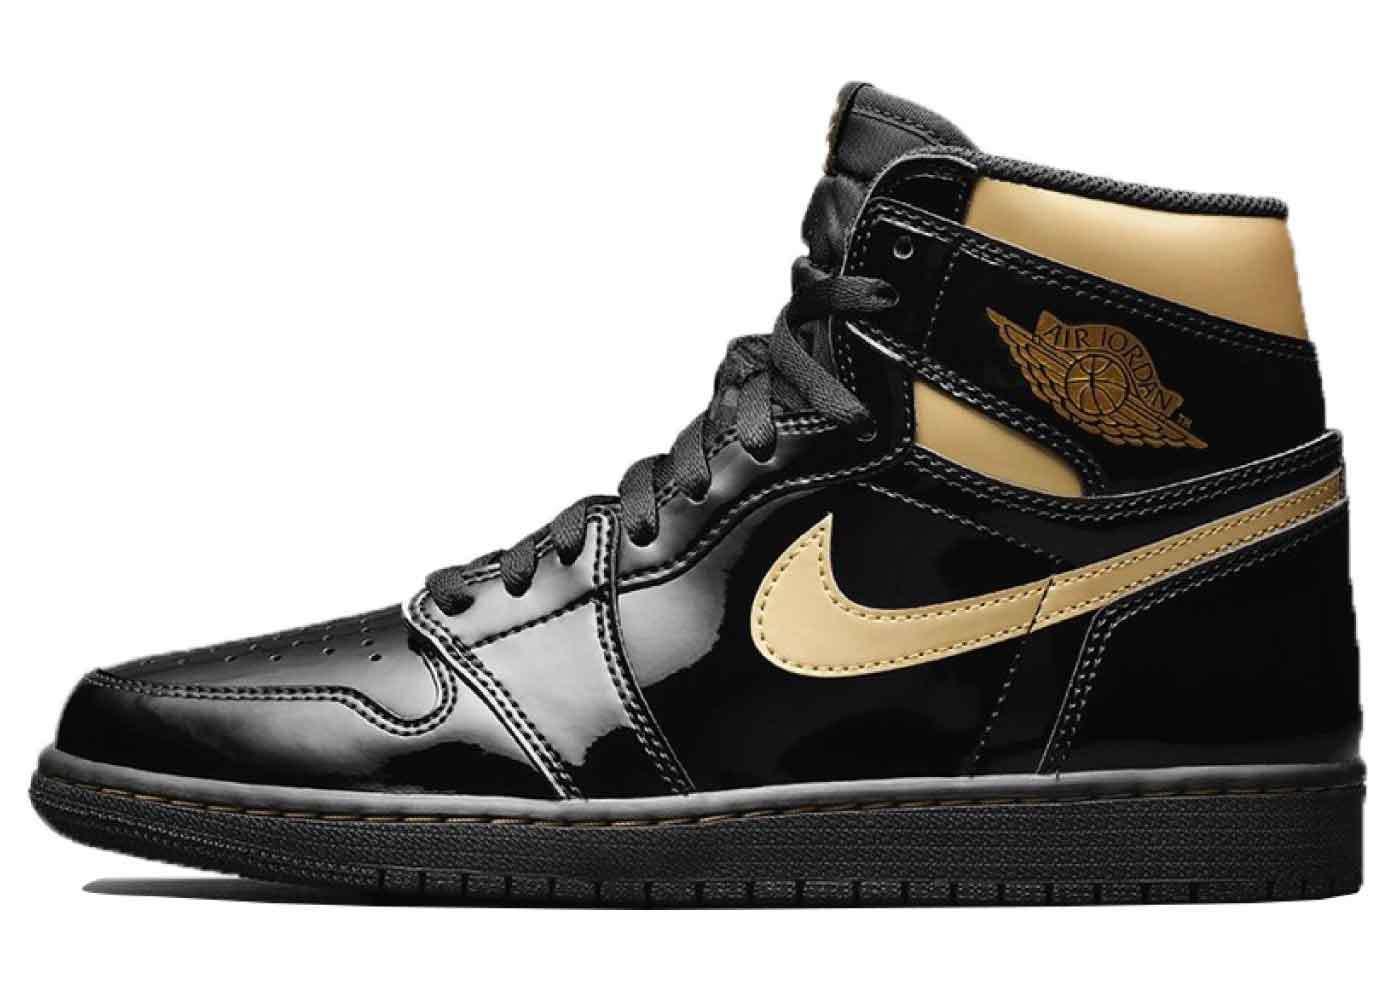 Nike Air Jordan 1 Retro High OG Patent Black Goldの写真